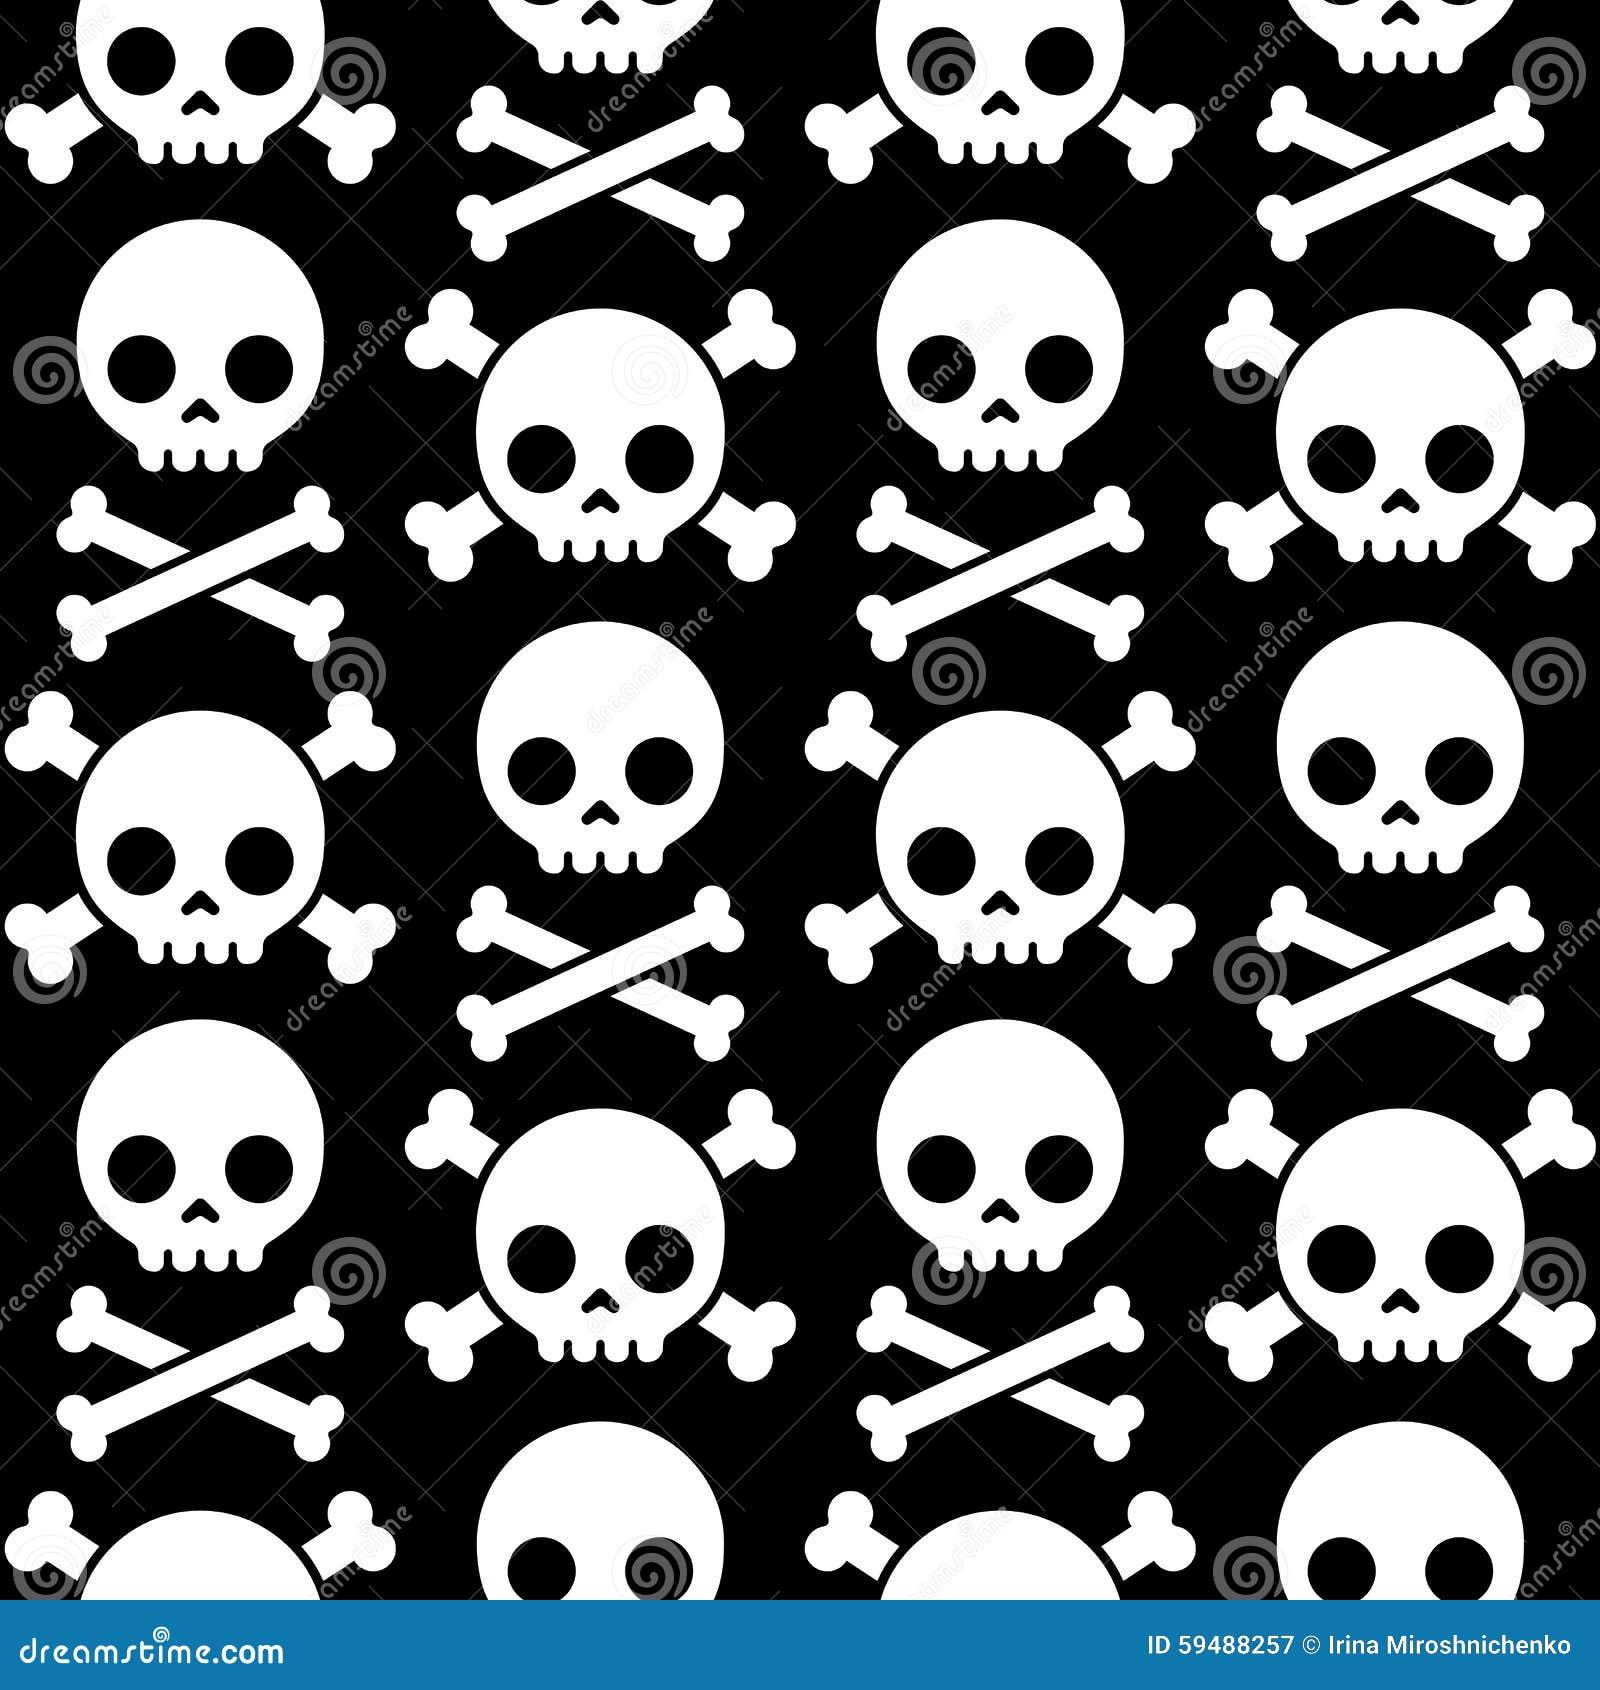 Skull And Crossbones Seamless Pattern Stock Vector Illustration Of